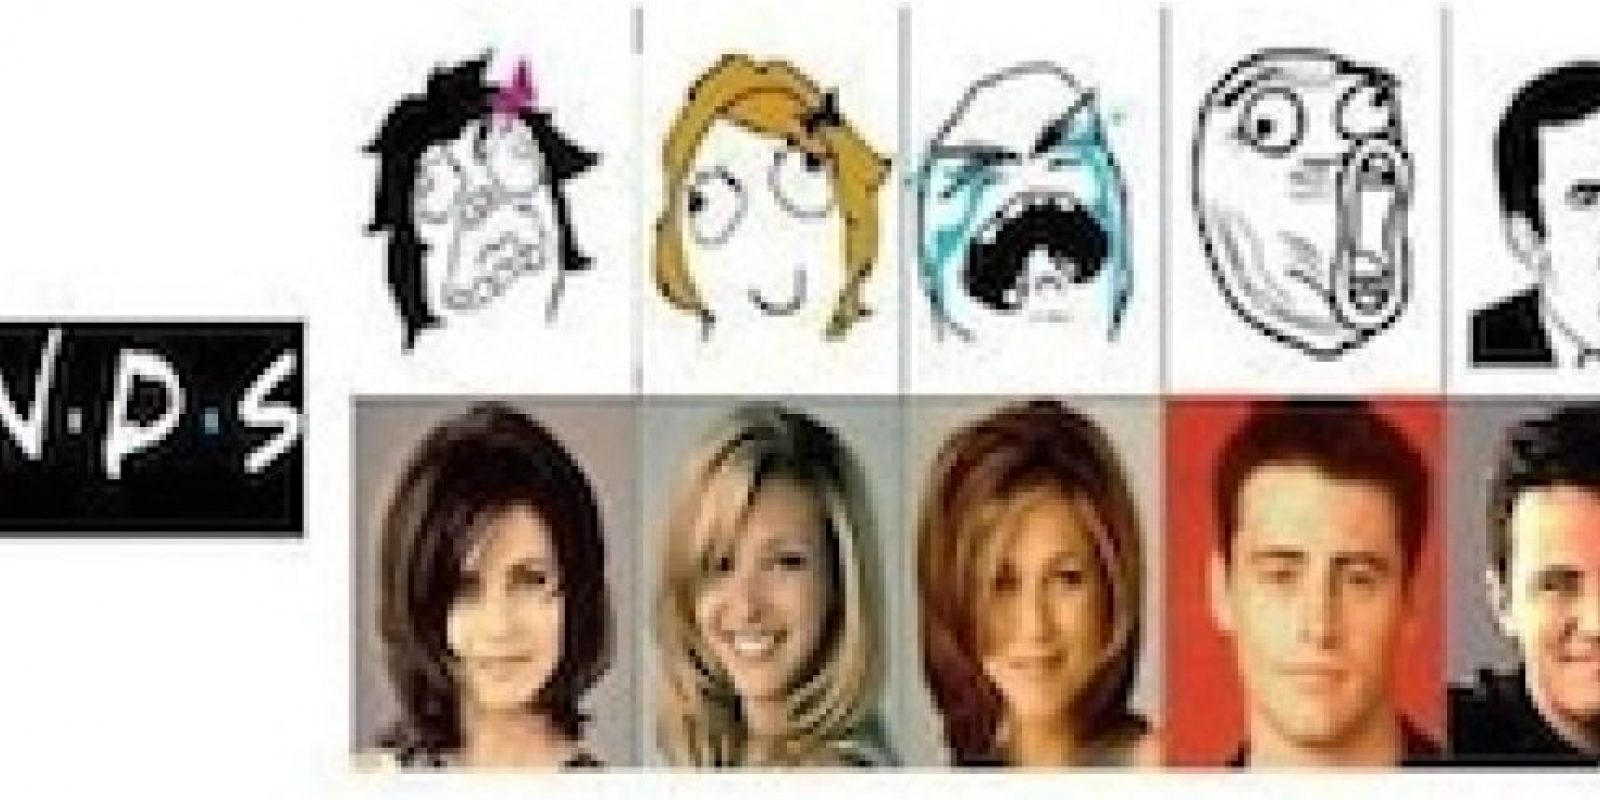 El antes y después de los amigos Foto:Internet